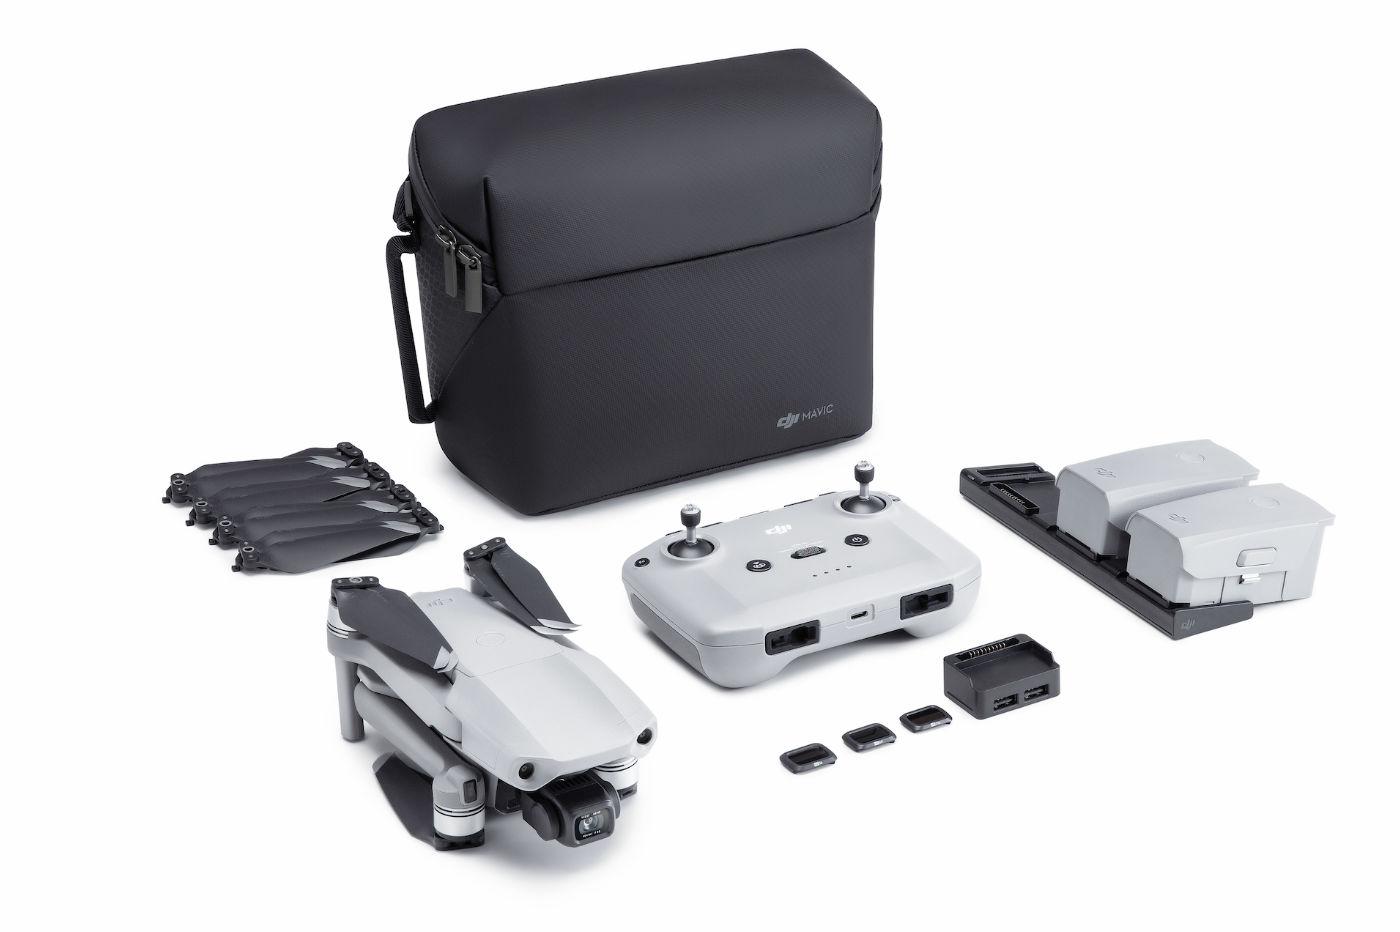 DJI Mavic Air 2 Drone Yorumlar: Drone Ateş etmek için ideal mi? 4